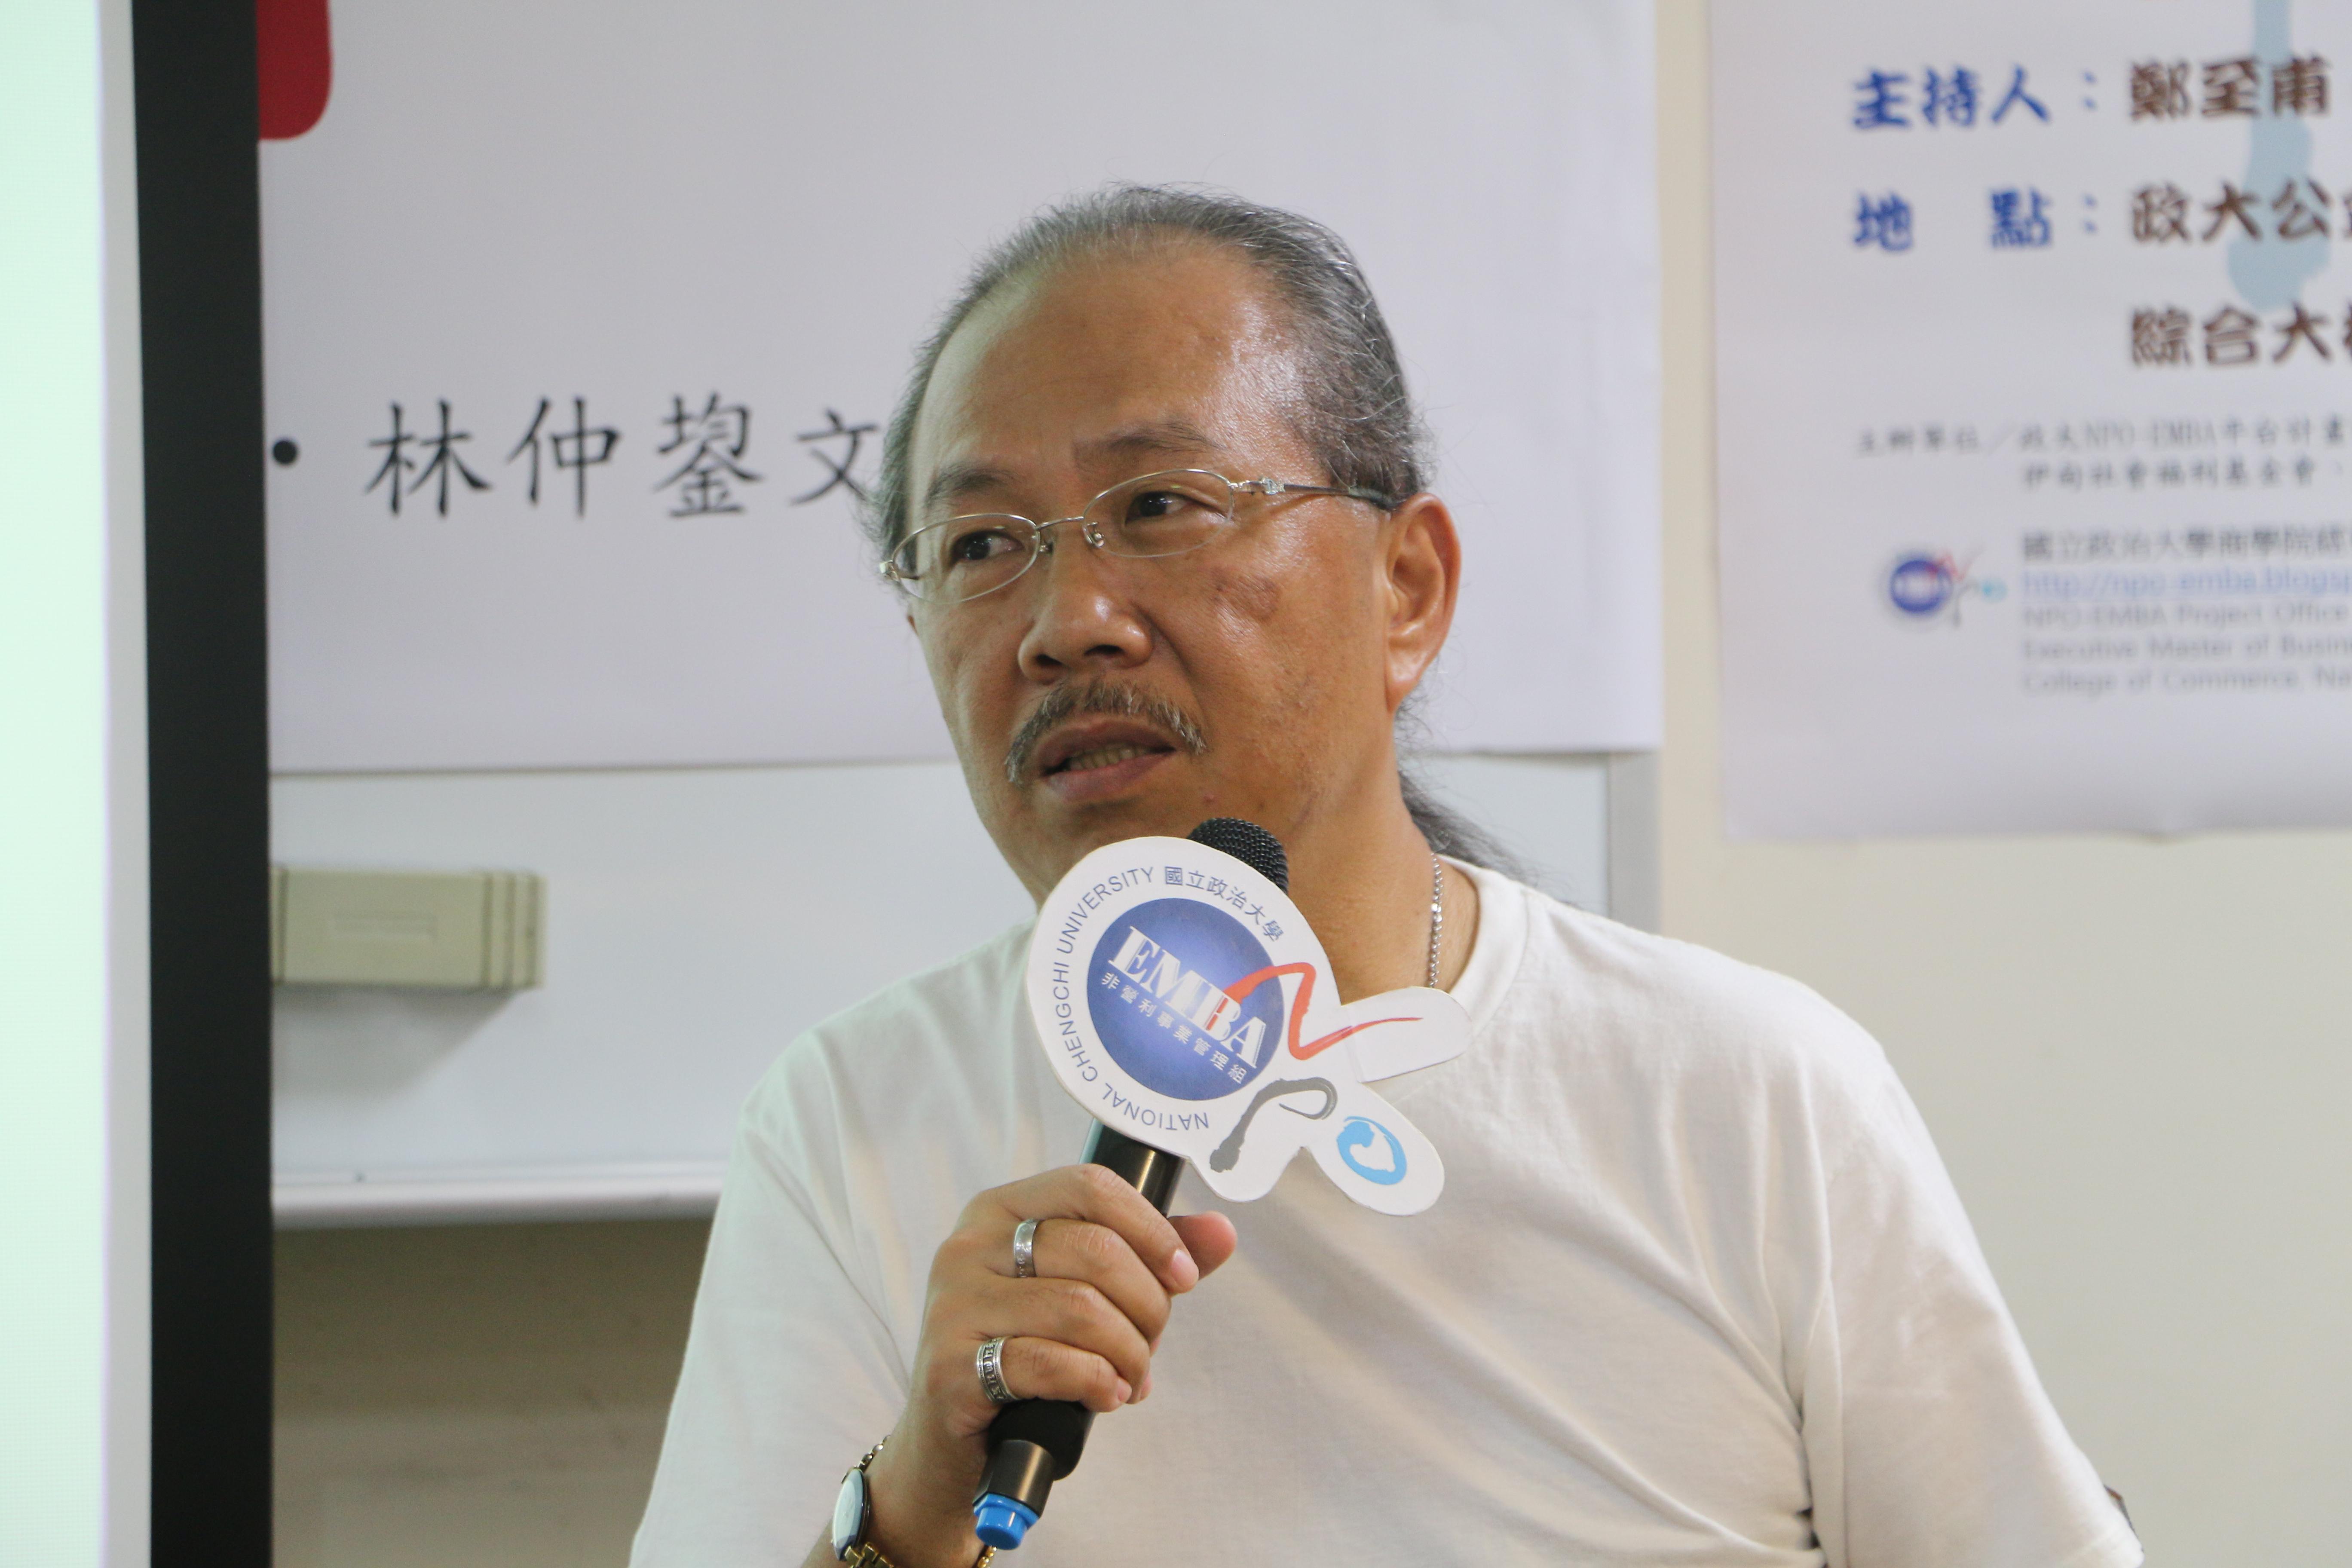 愛盲基金會董事長謝邦俊分享視障者在就業上遇到的困難。 圖/黃婕攝